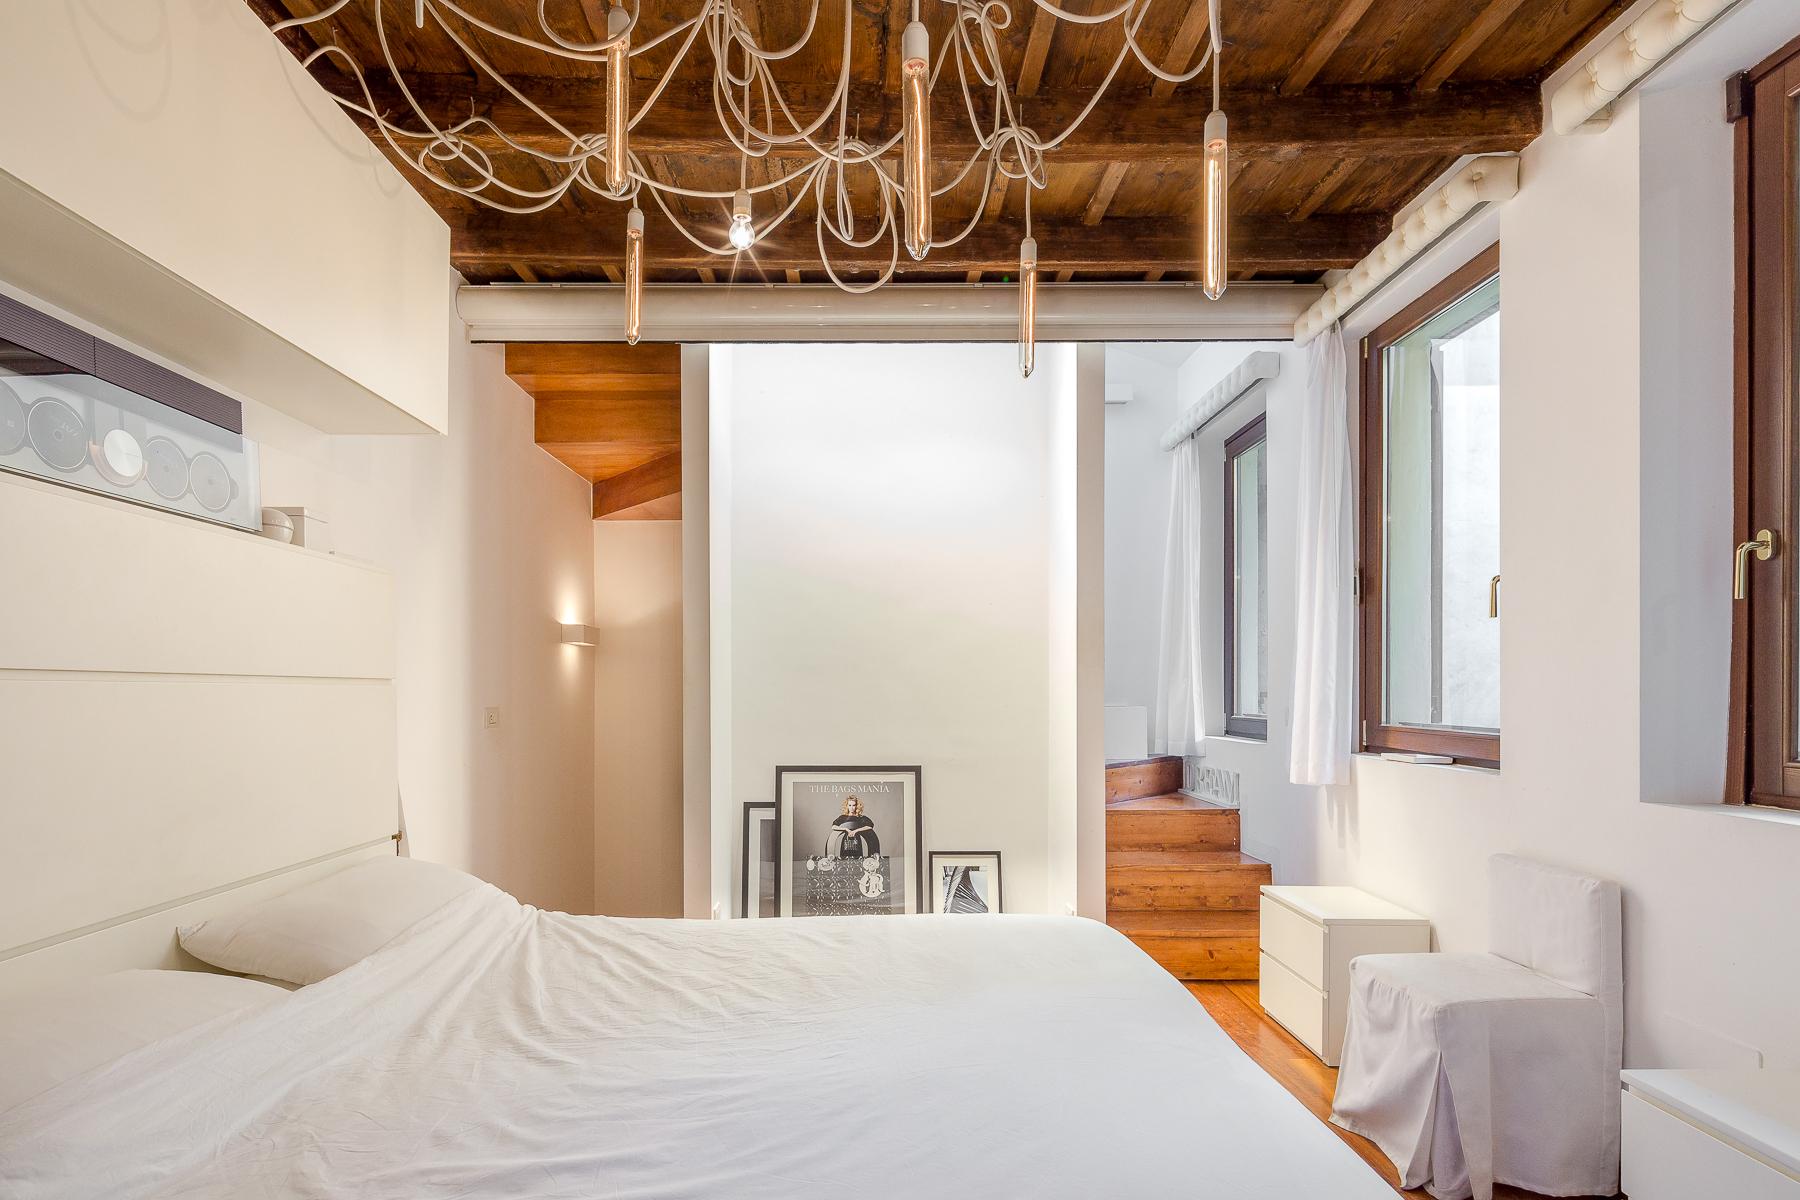 Appartamento in Vendita a Milano: 3 locali, 90 mq - Foto 12